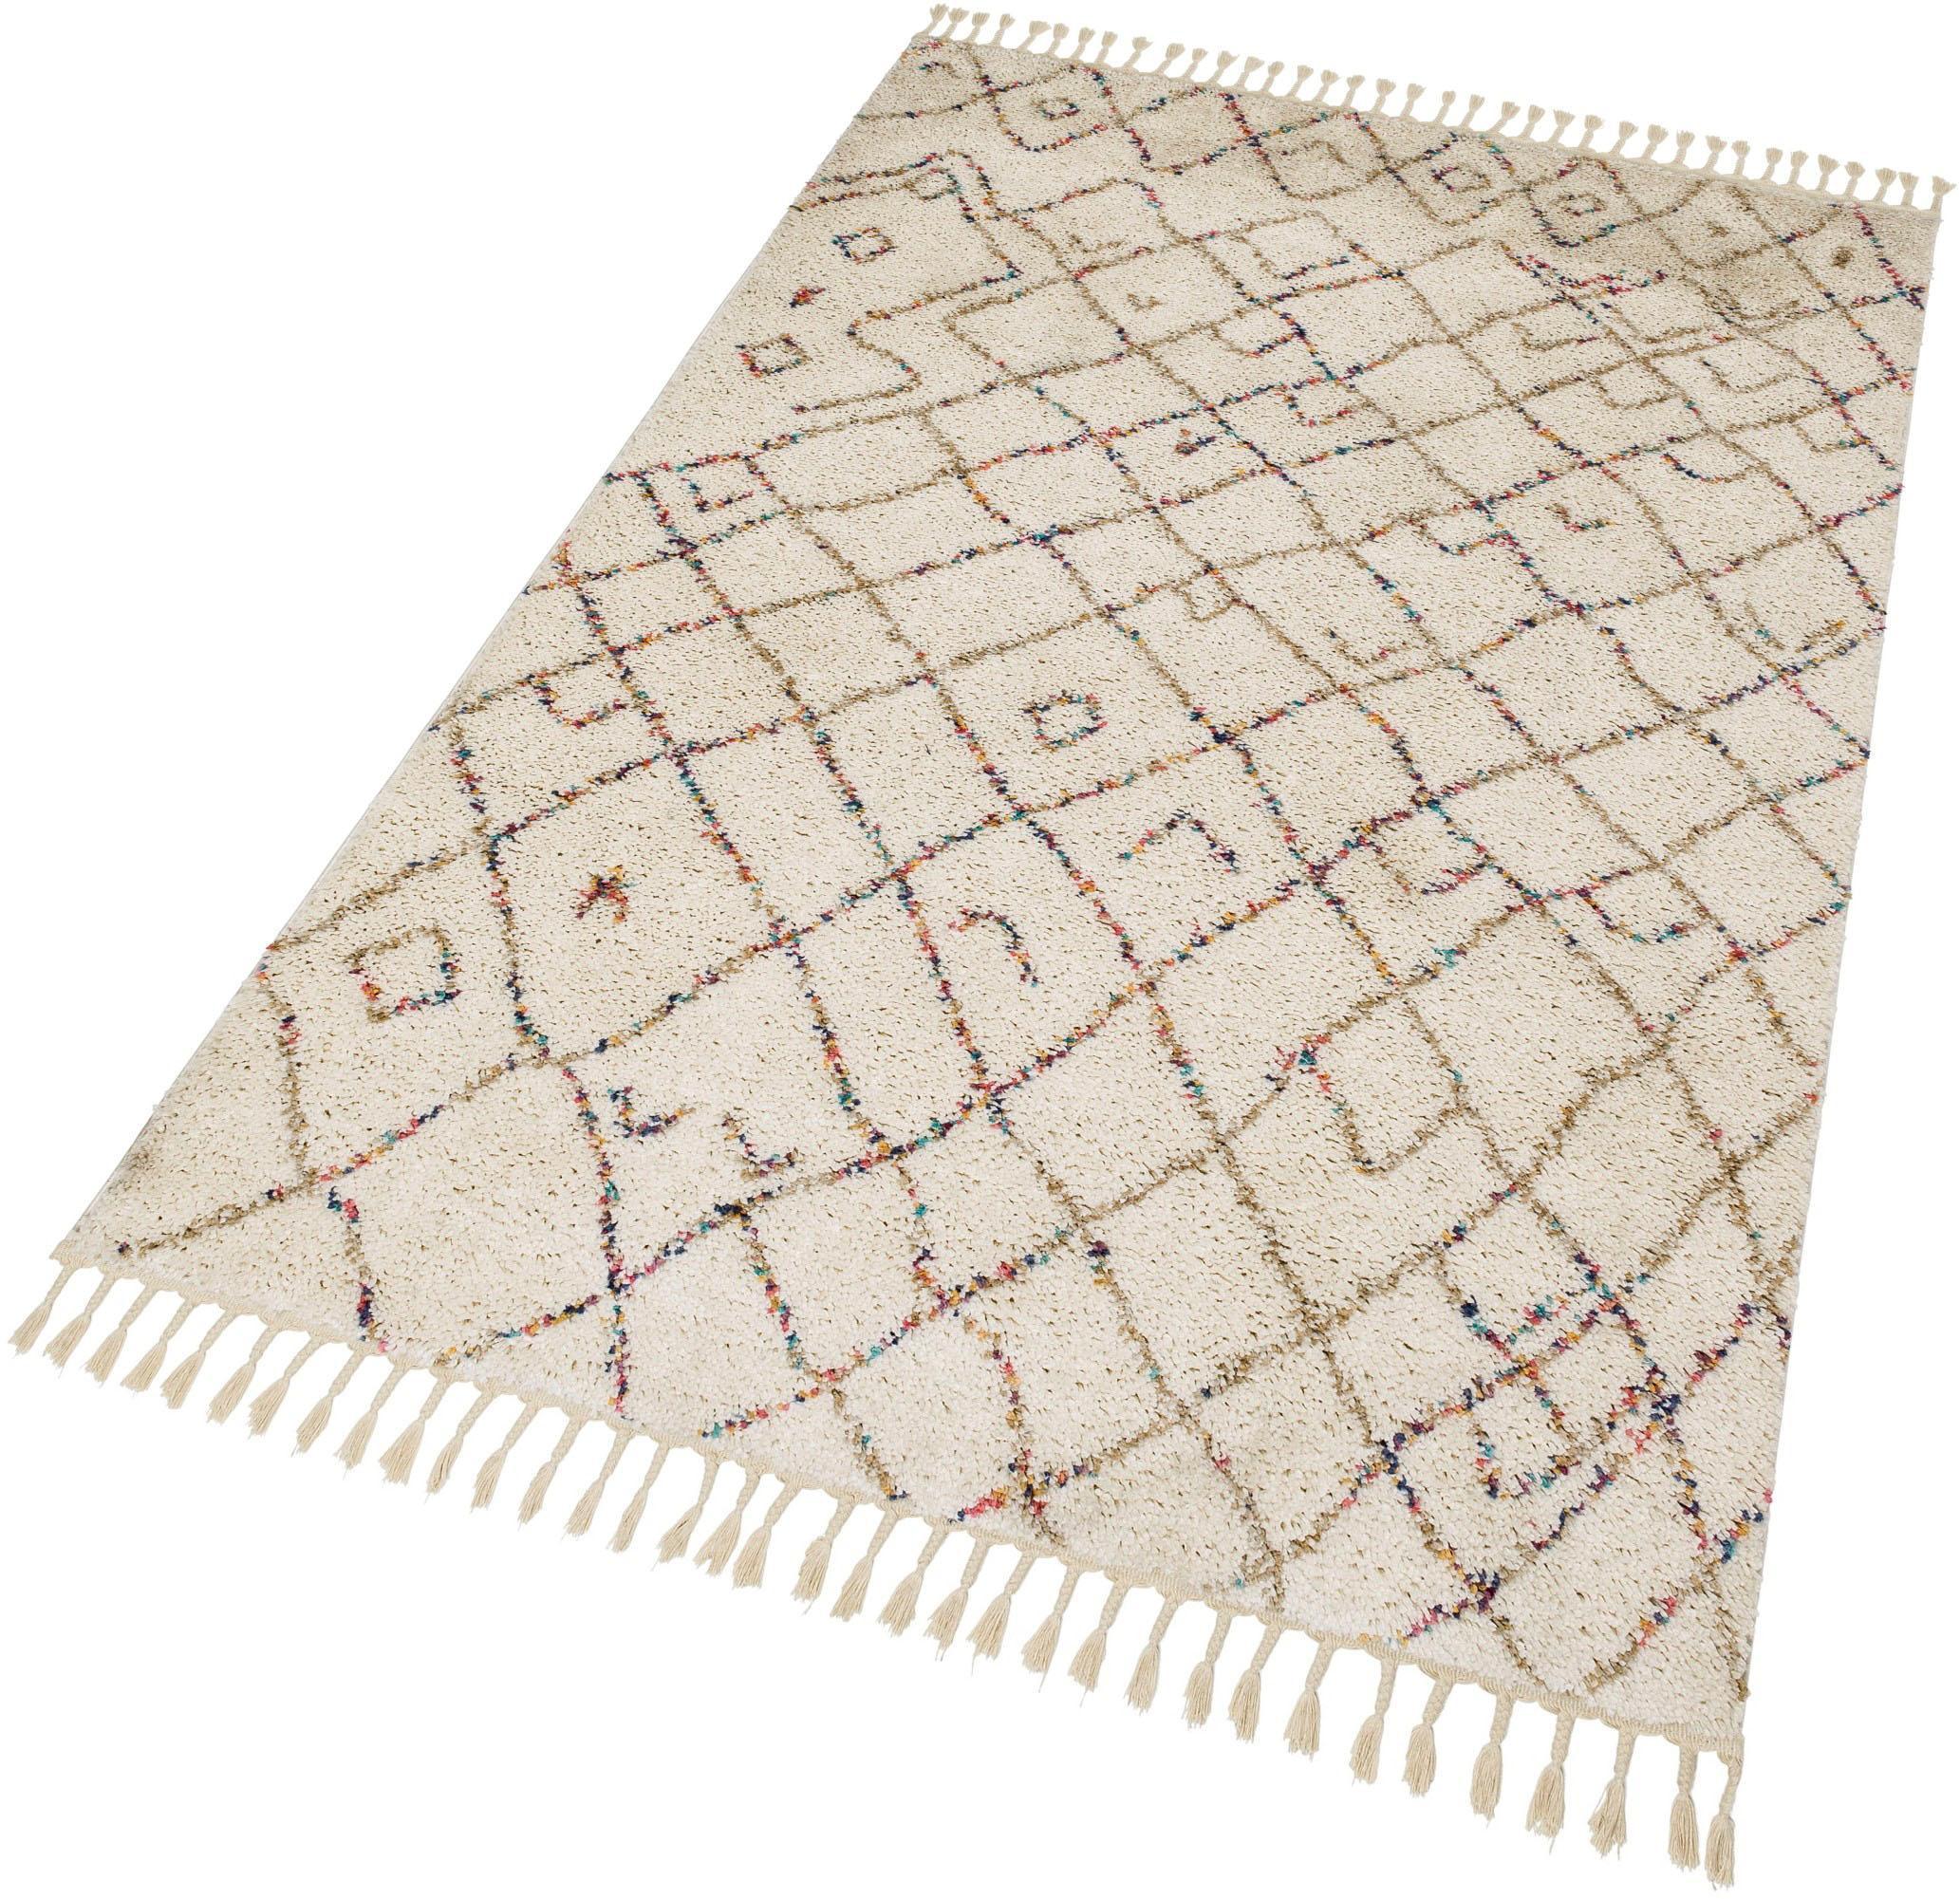 Hochflor-Teppich Urban 184 SCHÖNER WOHNEN-Kollektion rechteckig Höhe 30 mm maschinell gewebt